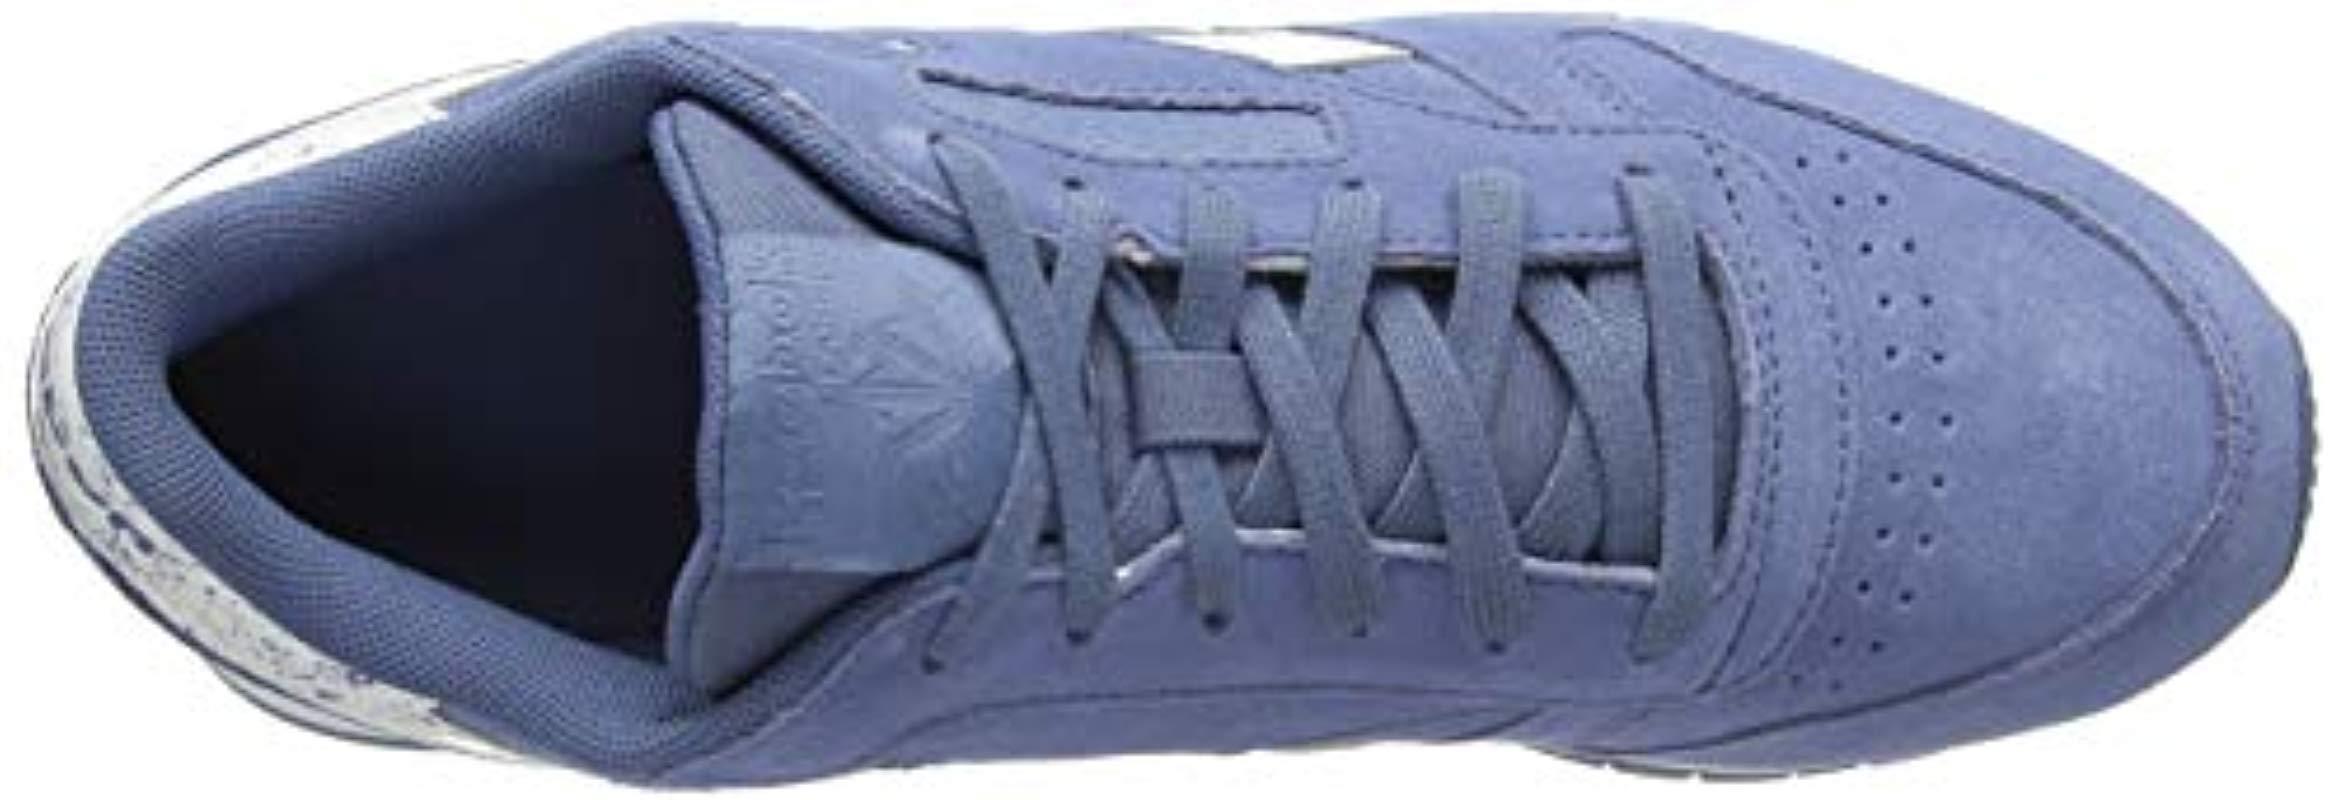 Cl Lthr Reebok de color Azul - 43 % de descuento